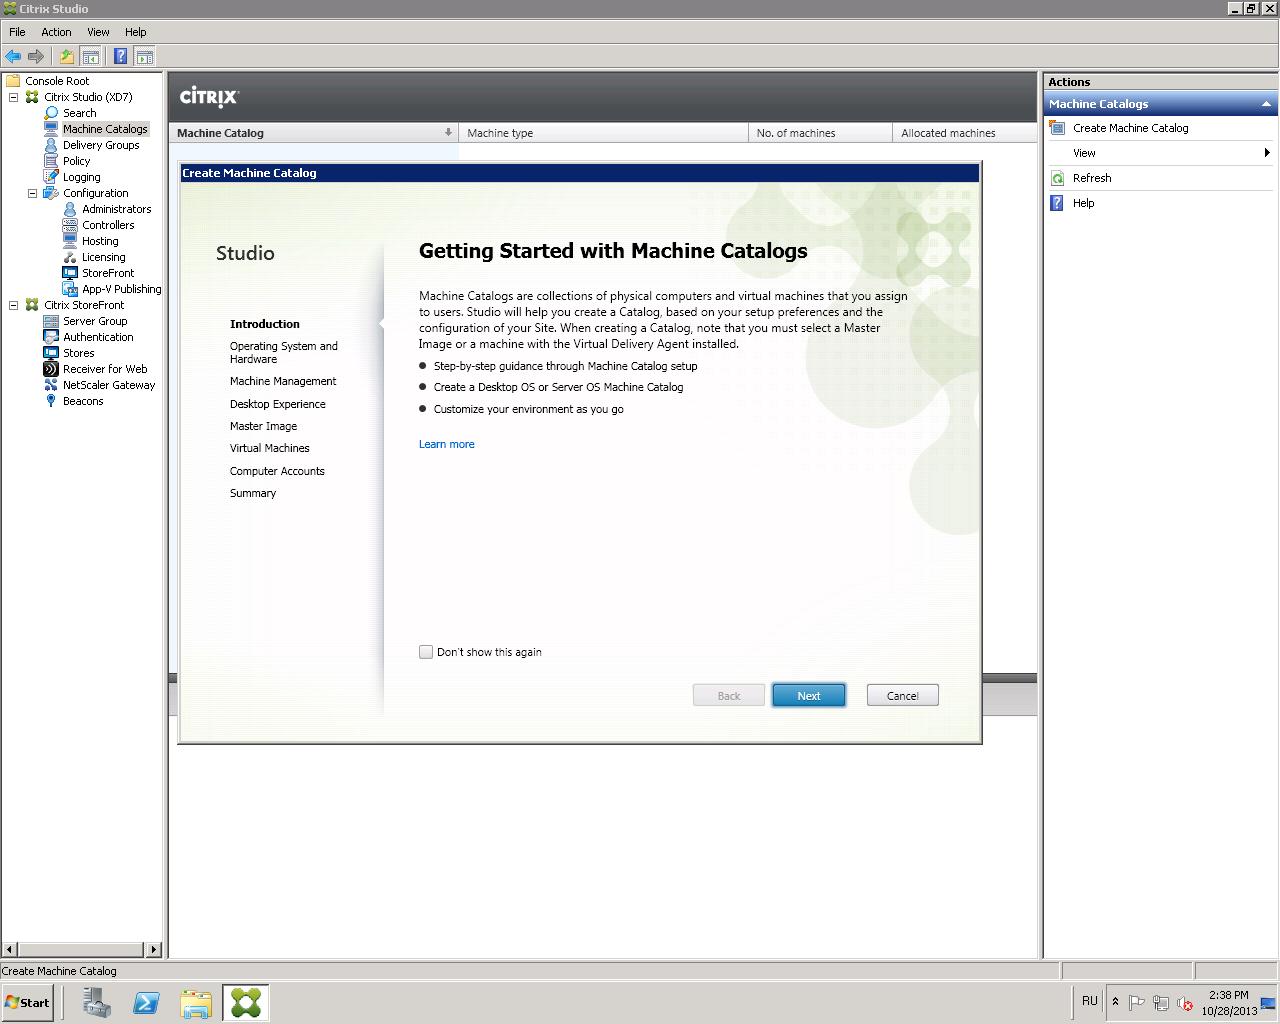 Настройка аутентификации в Citrix XenDesktop 7.x c использованием смарт-карт JaCarta PKI - 1